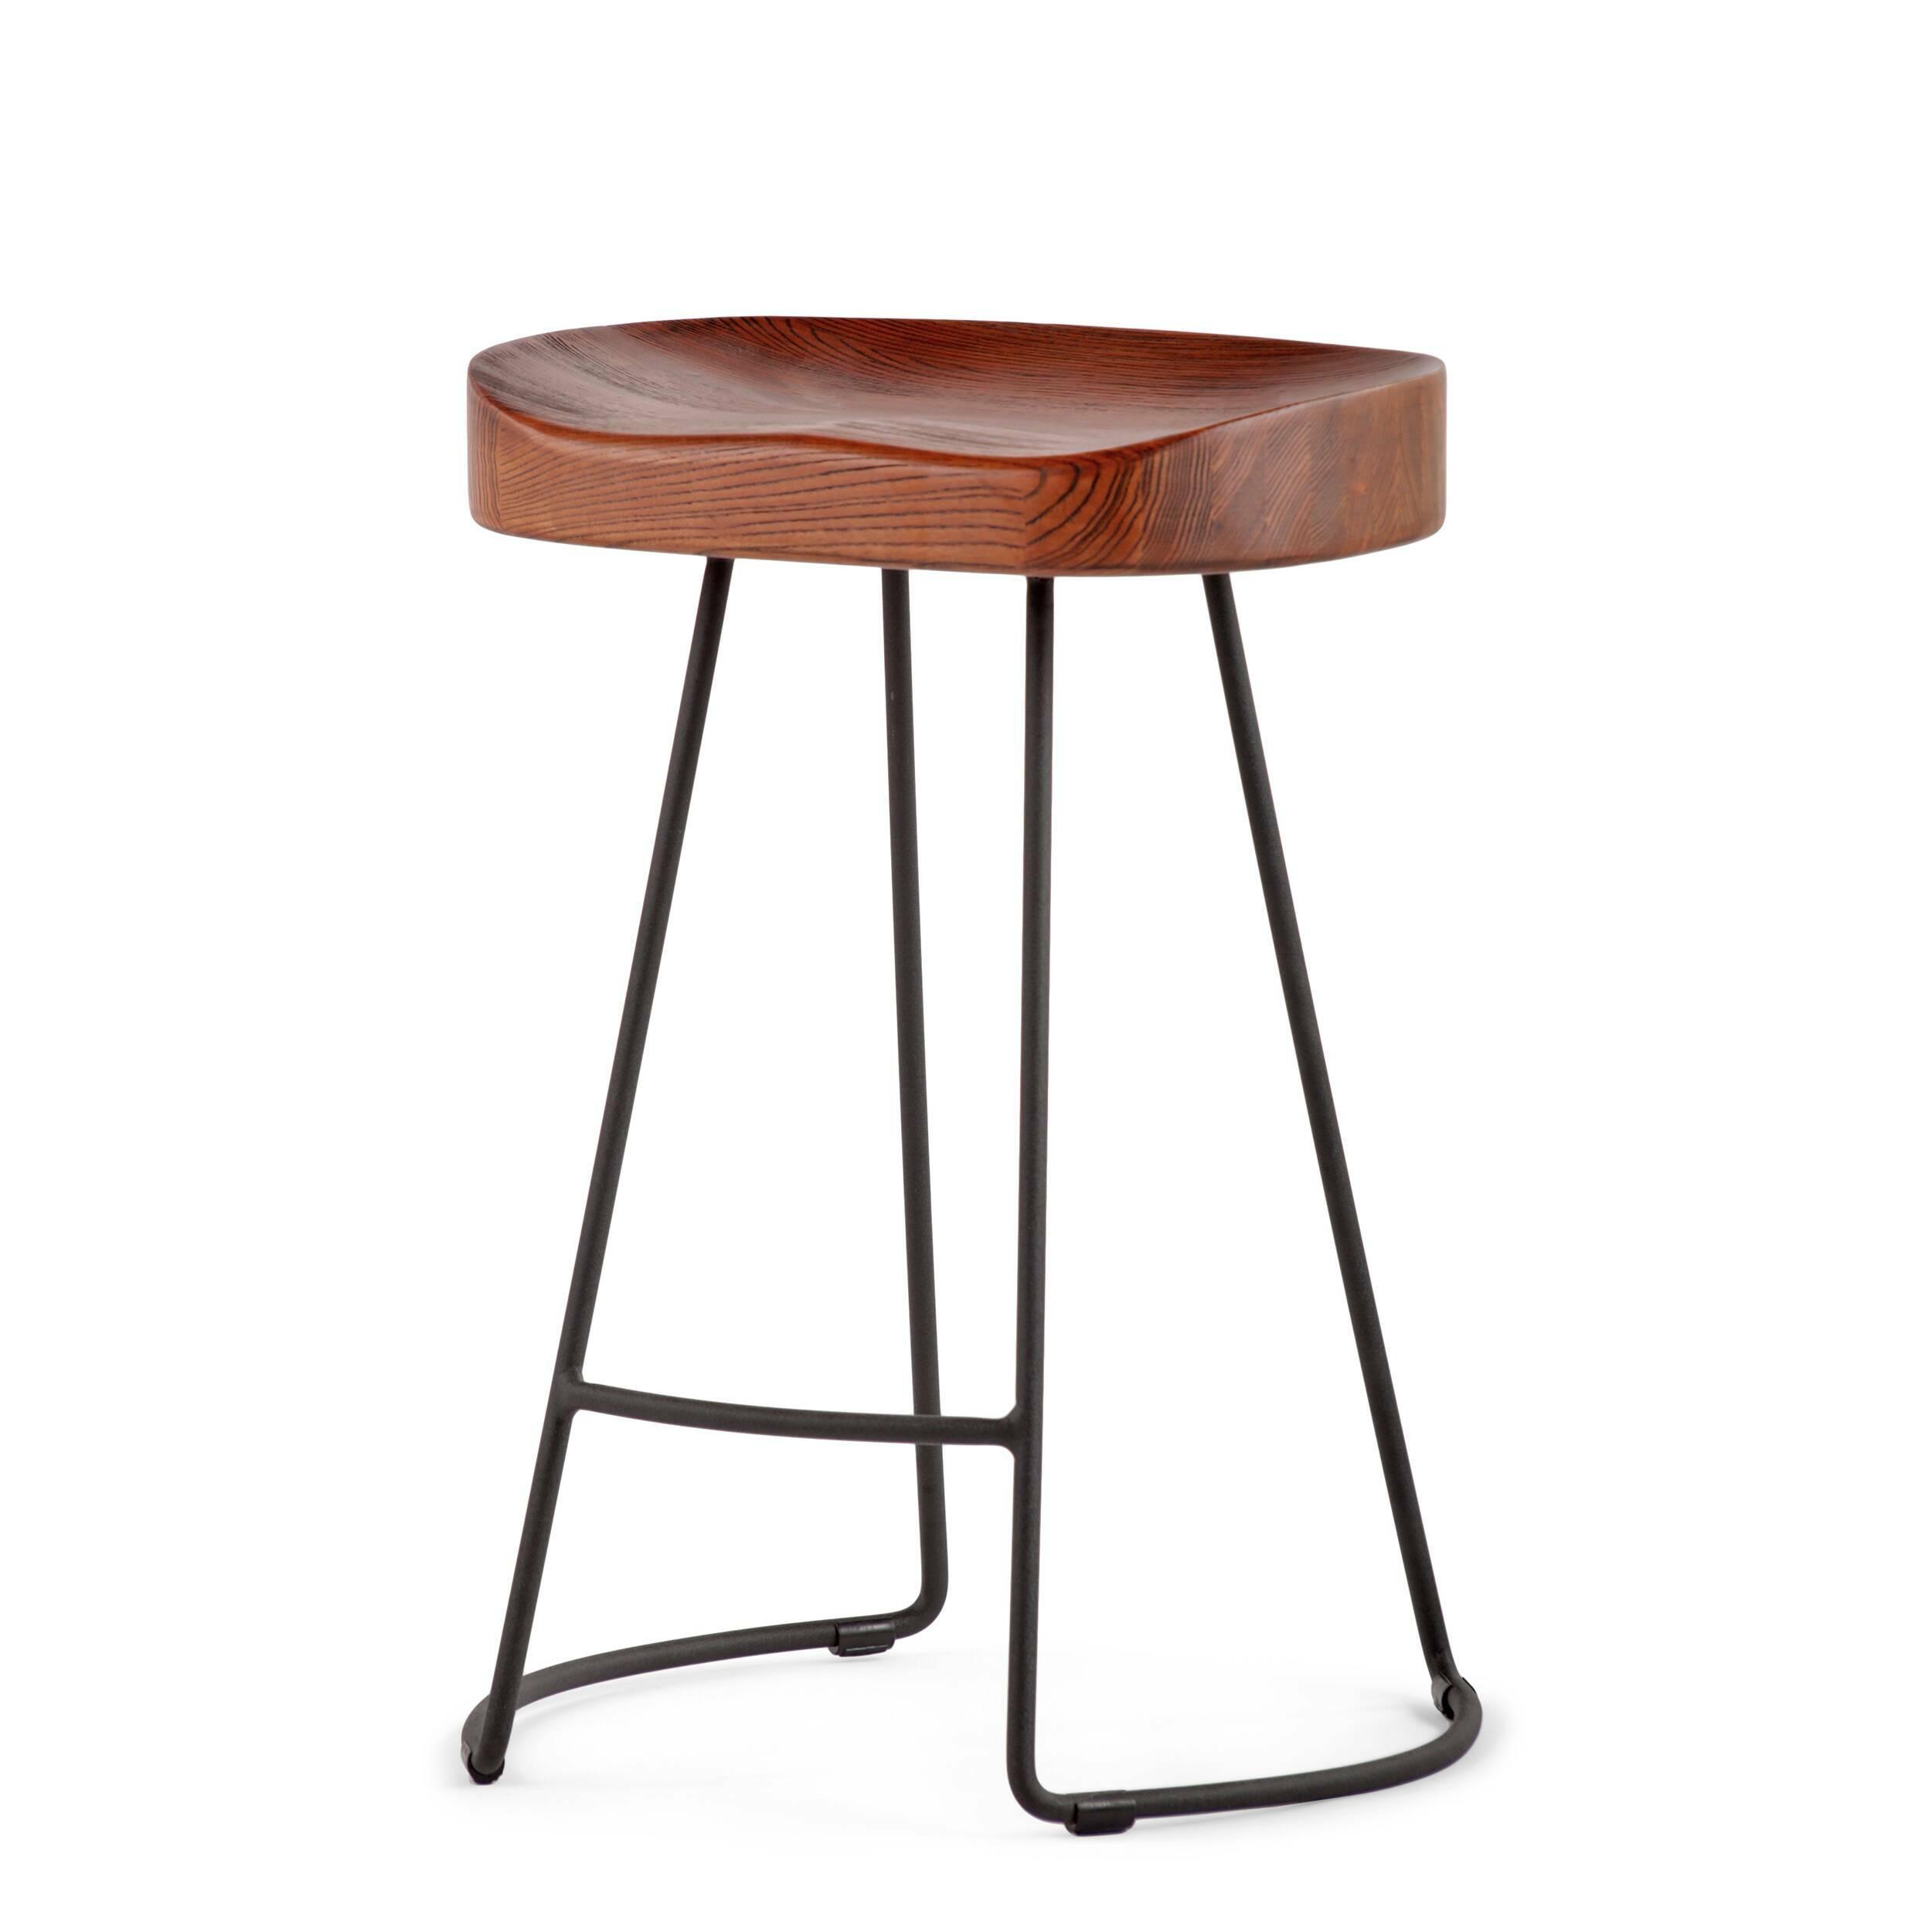 Полубарный стул RogerПолубарные<br>Присядьте на полубарный стул Roger и испытайте на себе высокий уровень комфорта. Стильный полубарный стул Roger от компании Cosmo выполнен в стилистике гранж. Натуральная текстура темного дерева, блеск металлических ножек делают стул привлекательным, но при этом сдержанным. Этот стул относится к той категории мебели, которая становится со временем только краше. Любые потертости или другие механические повреждения внесут особый шарм в общий облик изделия.<br> <br> На ножках стула, которые для обще...<br><br>stock: 0<br>Высота: 62,5<br>Ширина: 45,5<br>Глубина: 41<br>Тип материала каркаса: Сталь<br>Материал сидения: Массив ореха<br>Цвет сидения: Орех<br>Тип материала сидения: Дерево<br>Цвет каркаса: Чёрный гофрированый